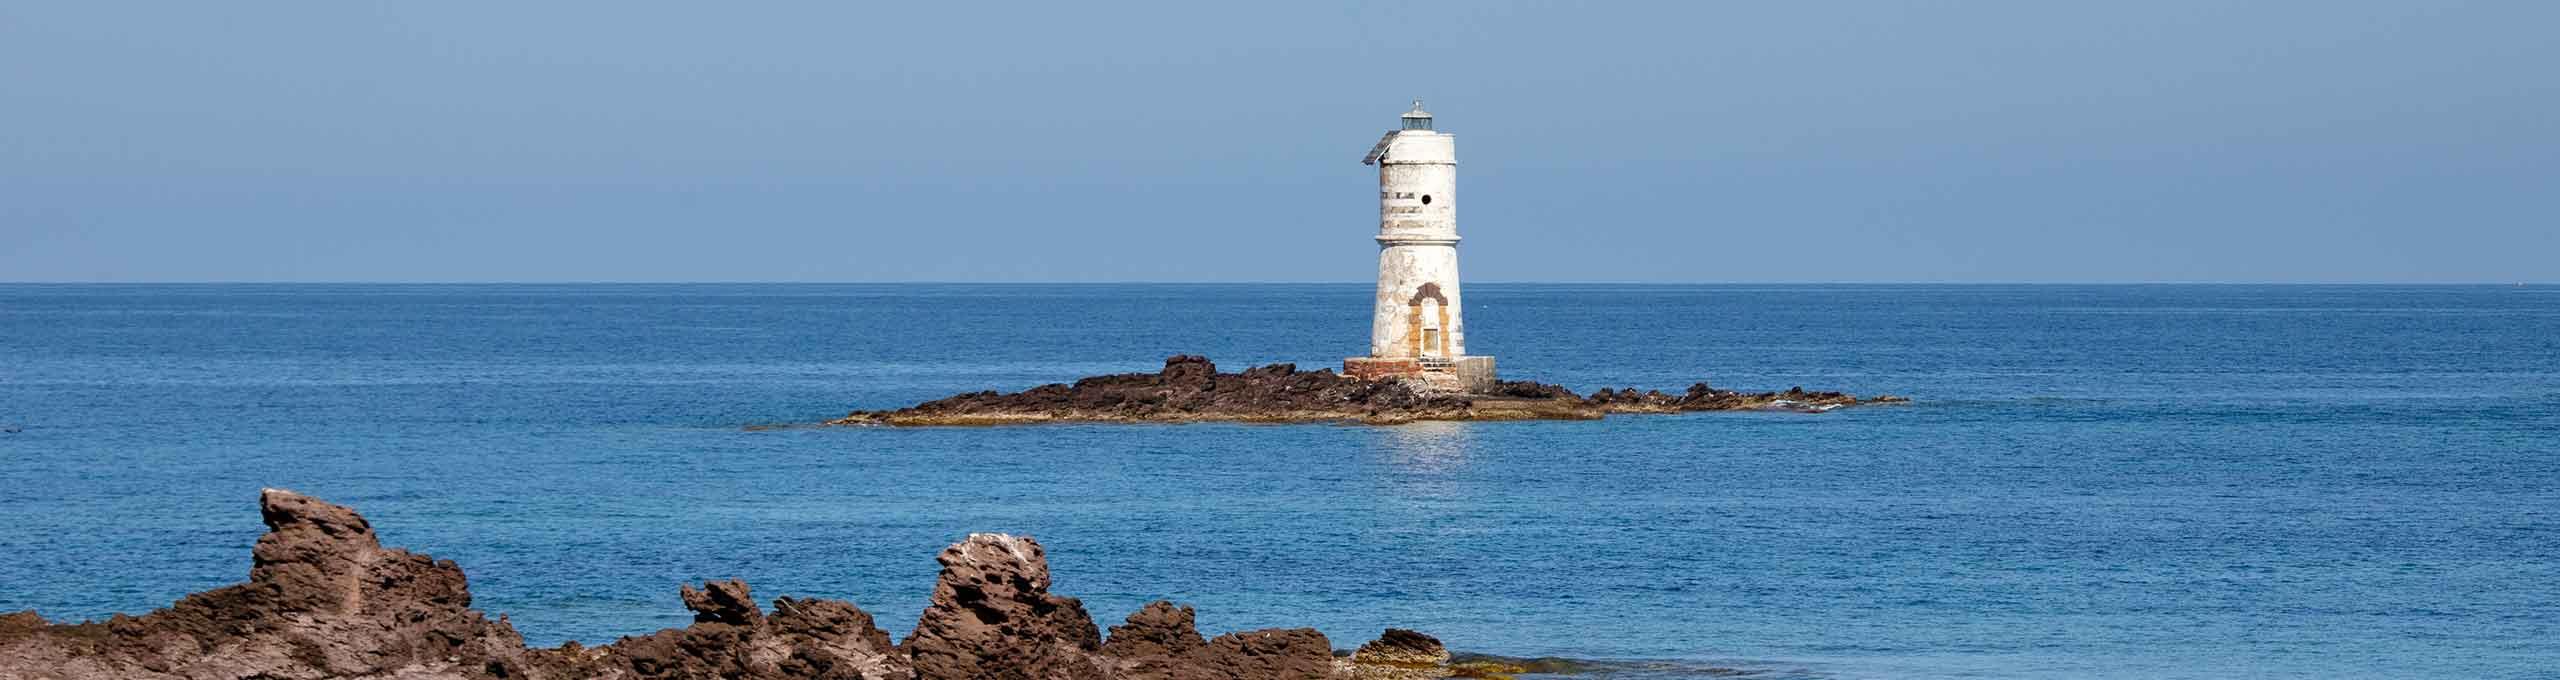 Calasetta, Arcipelago del Sulcis